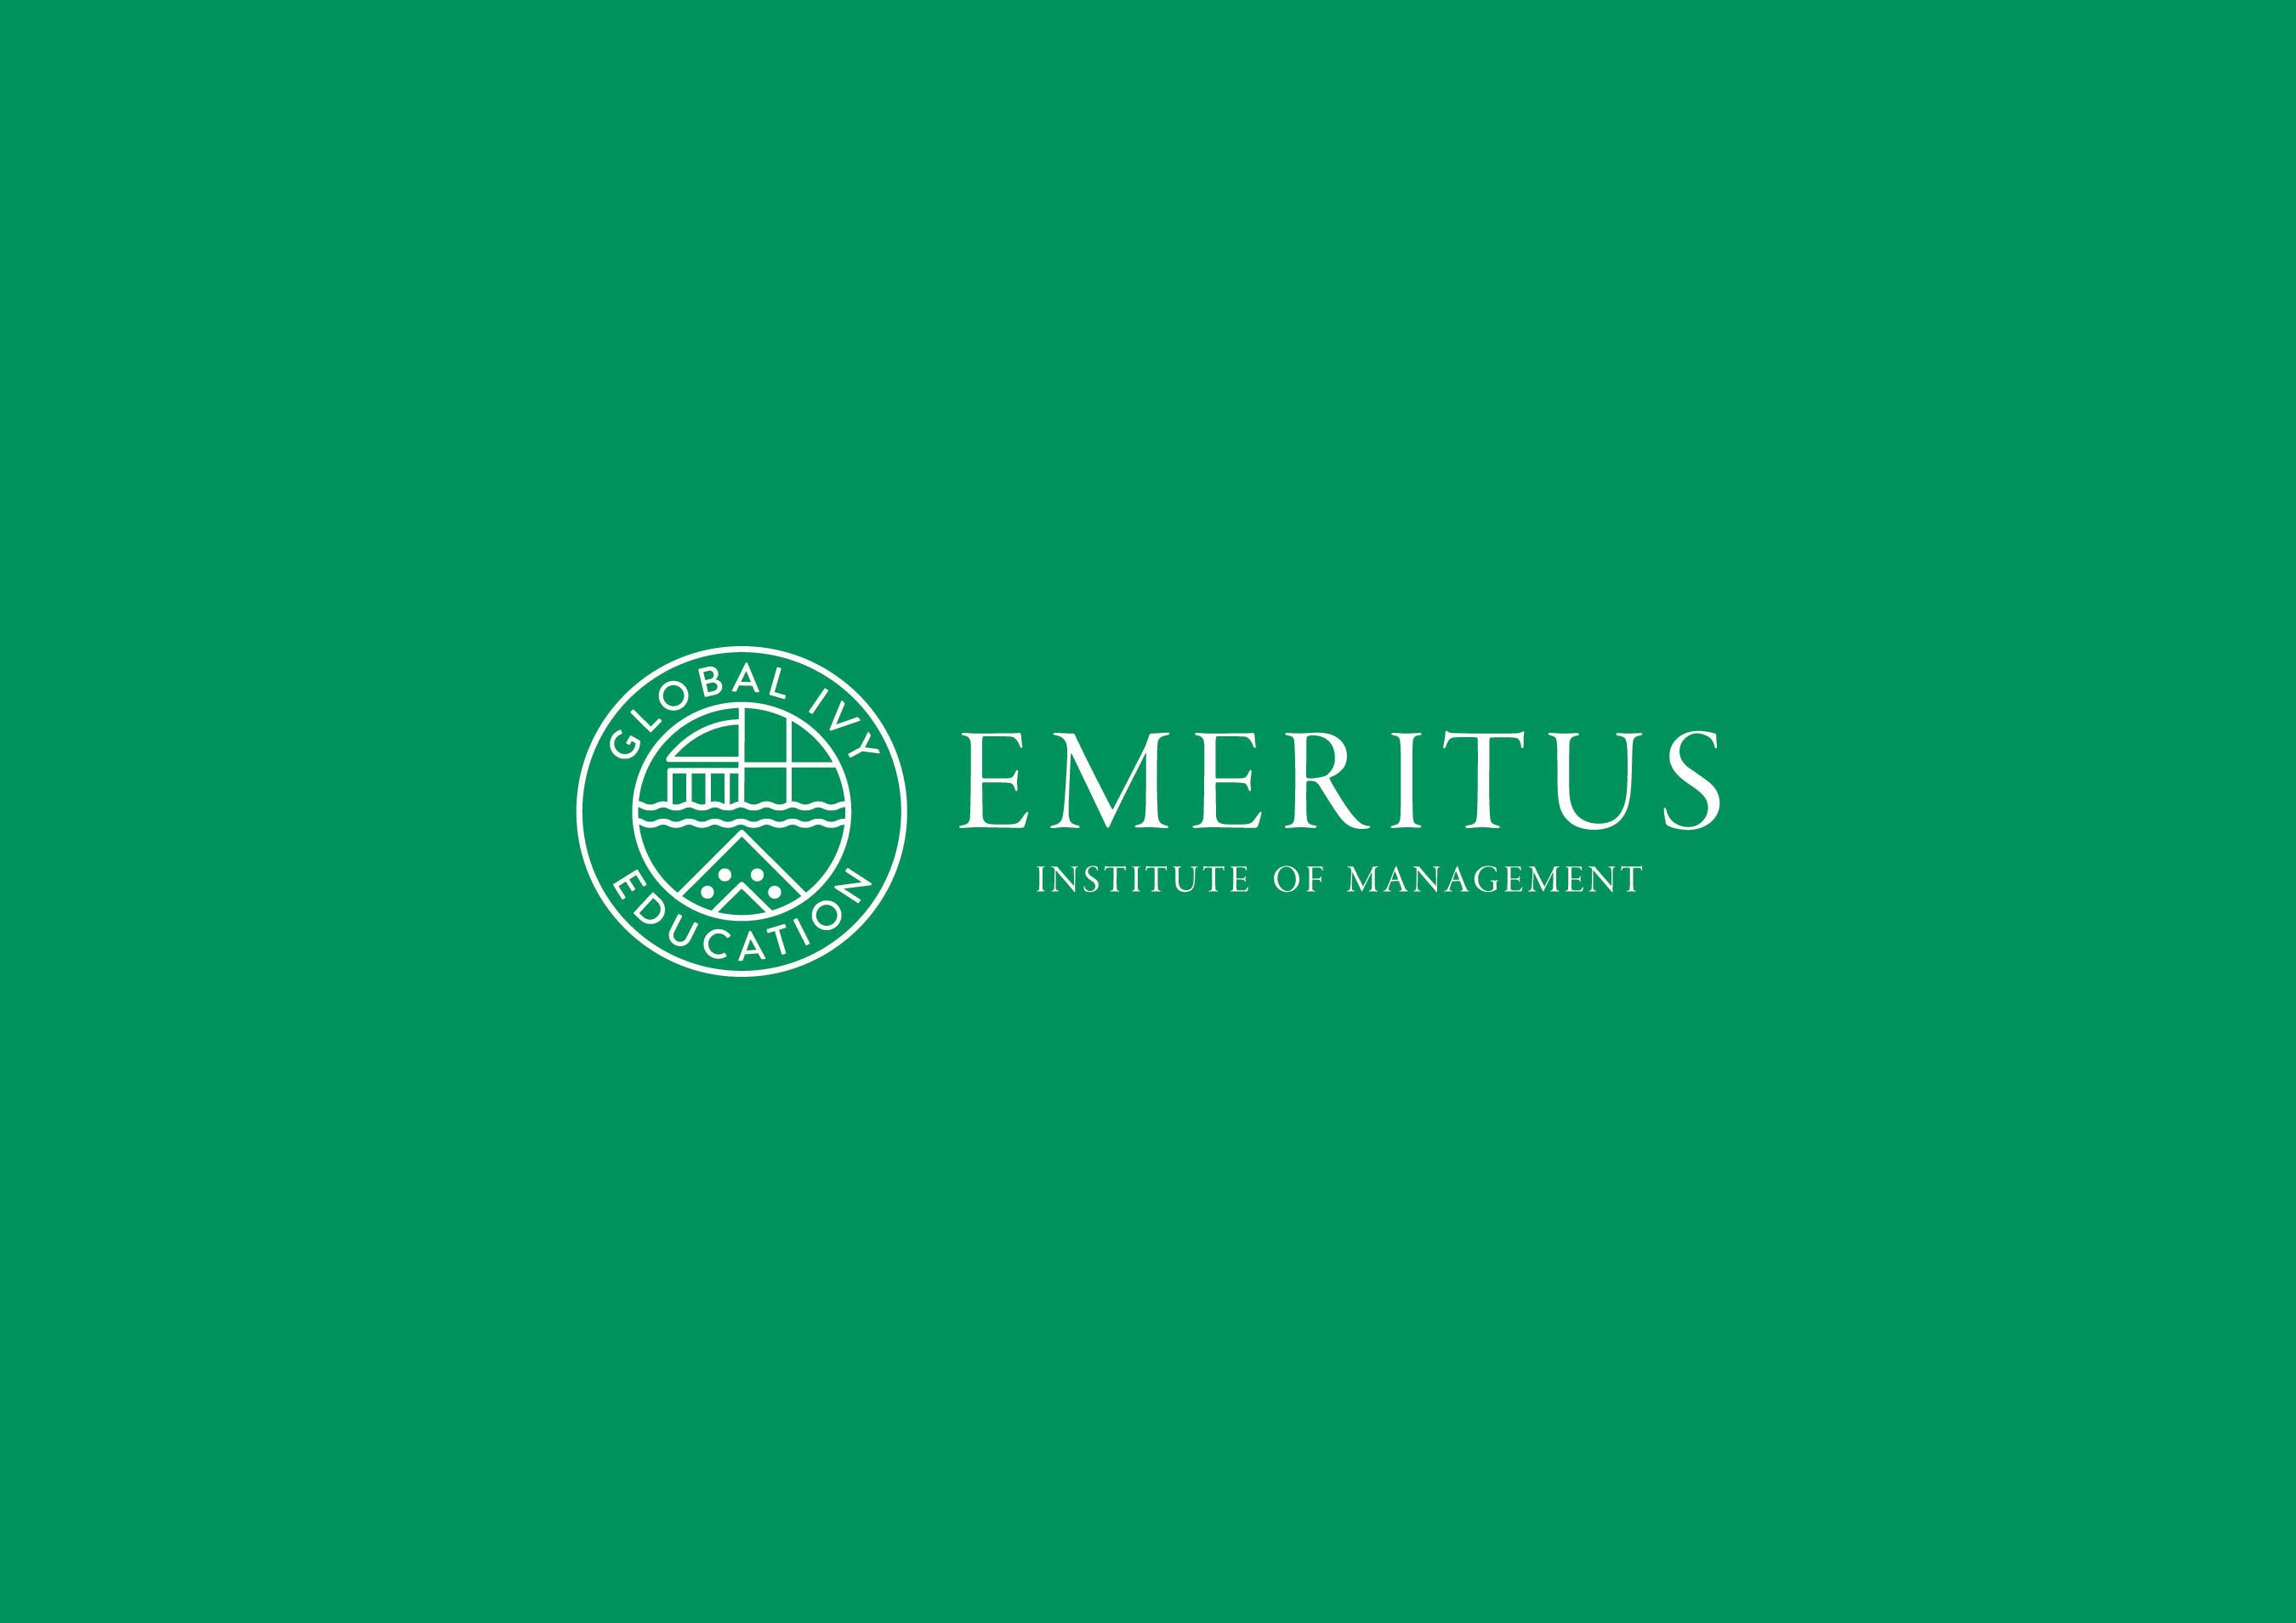 EMERITUS Institute of Management announces collaboration